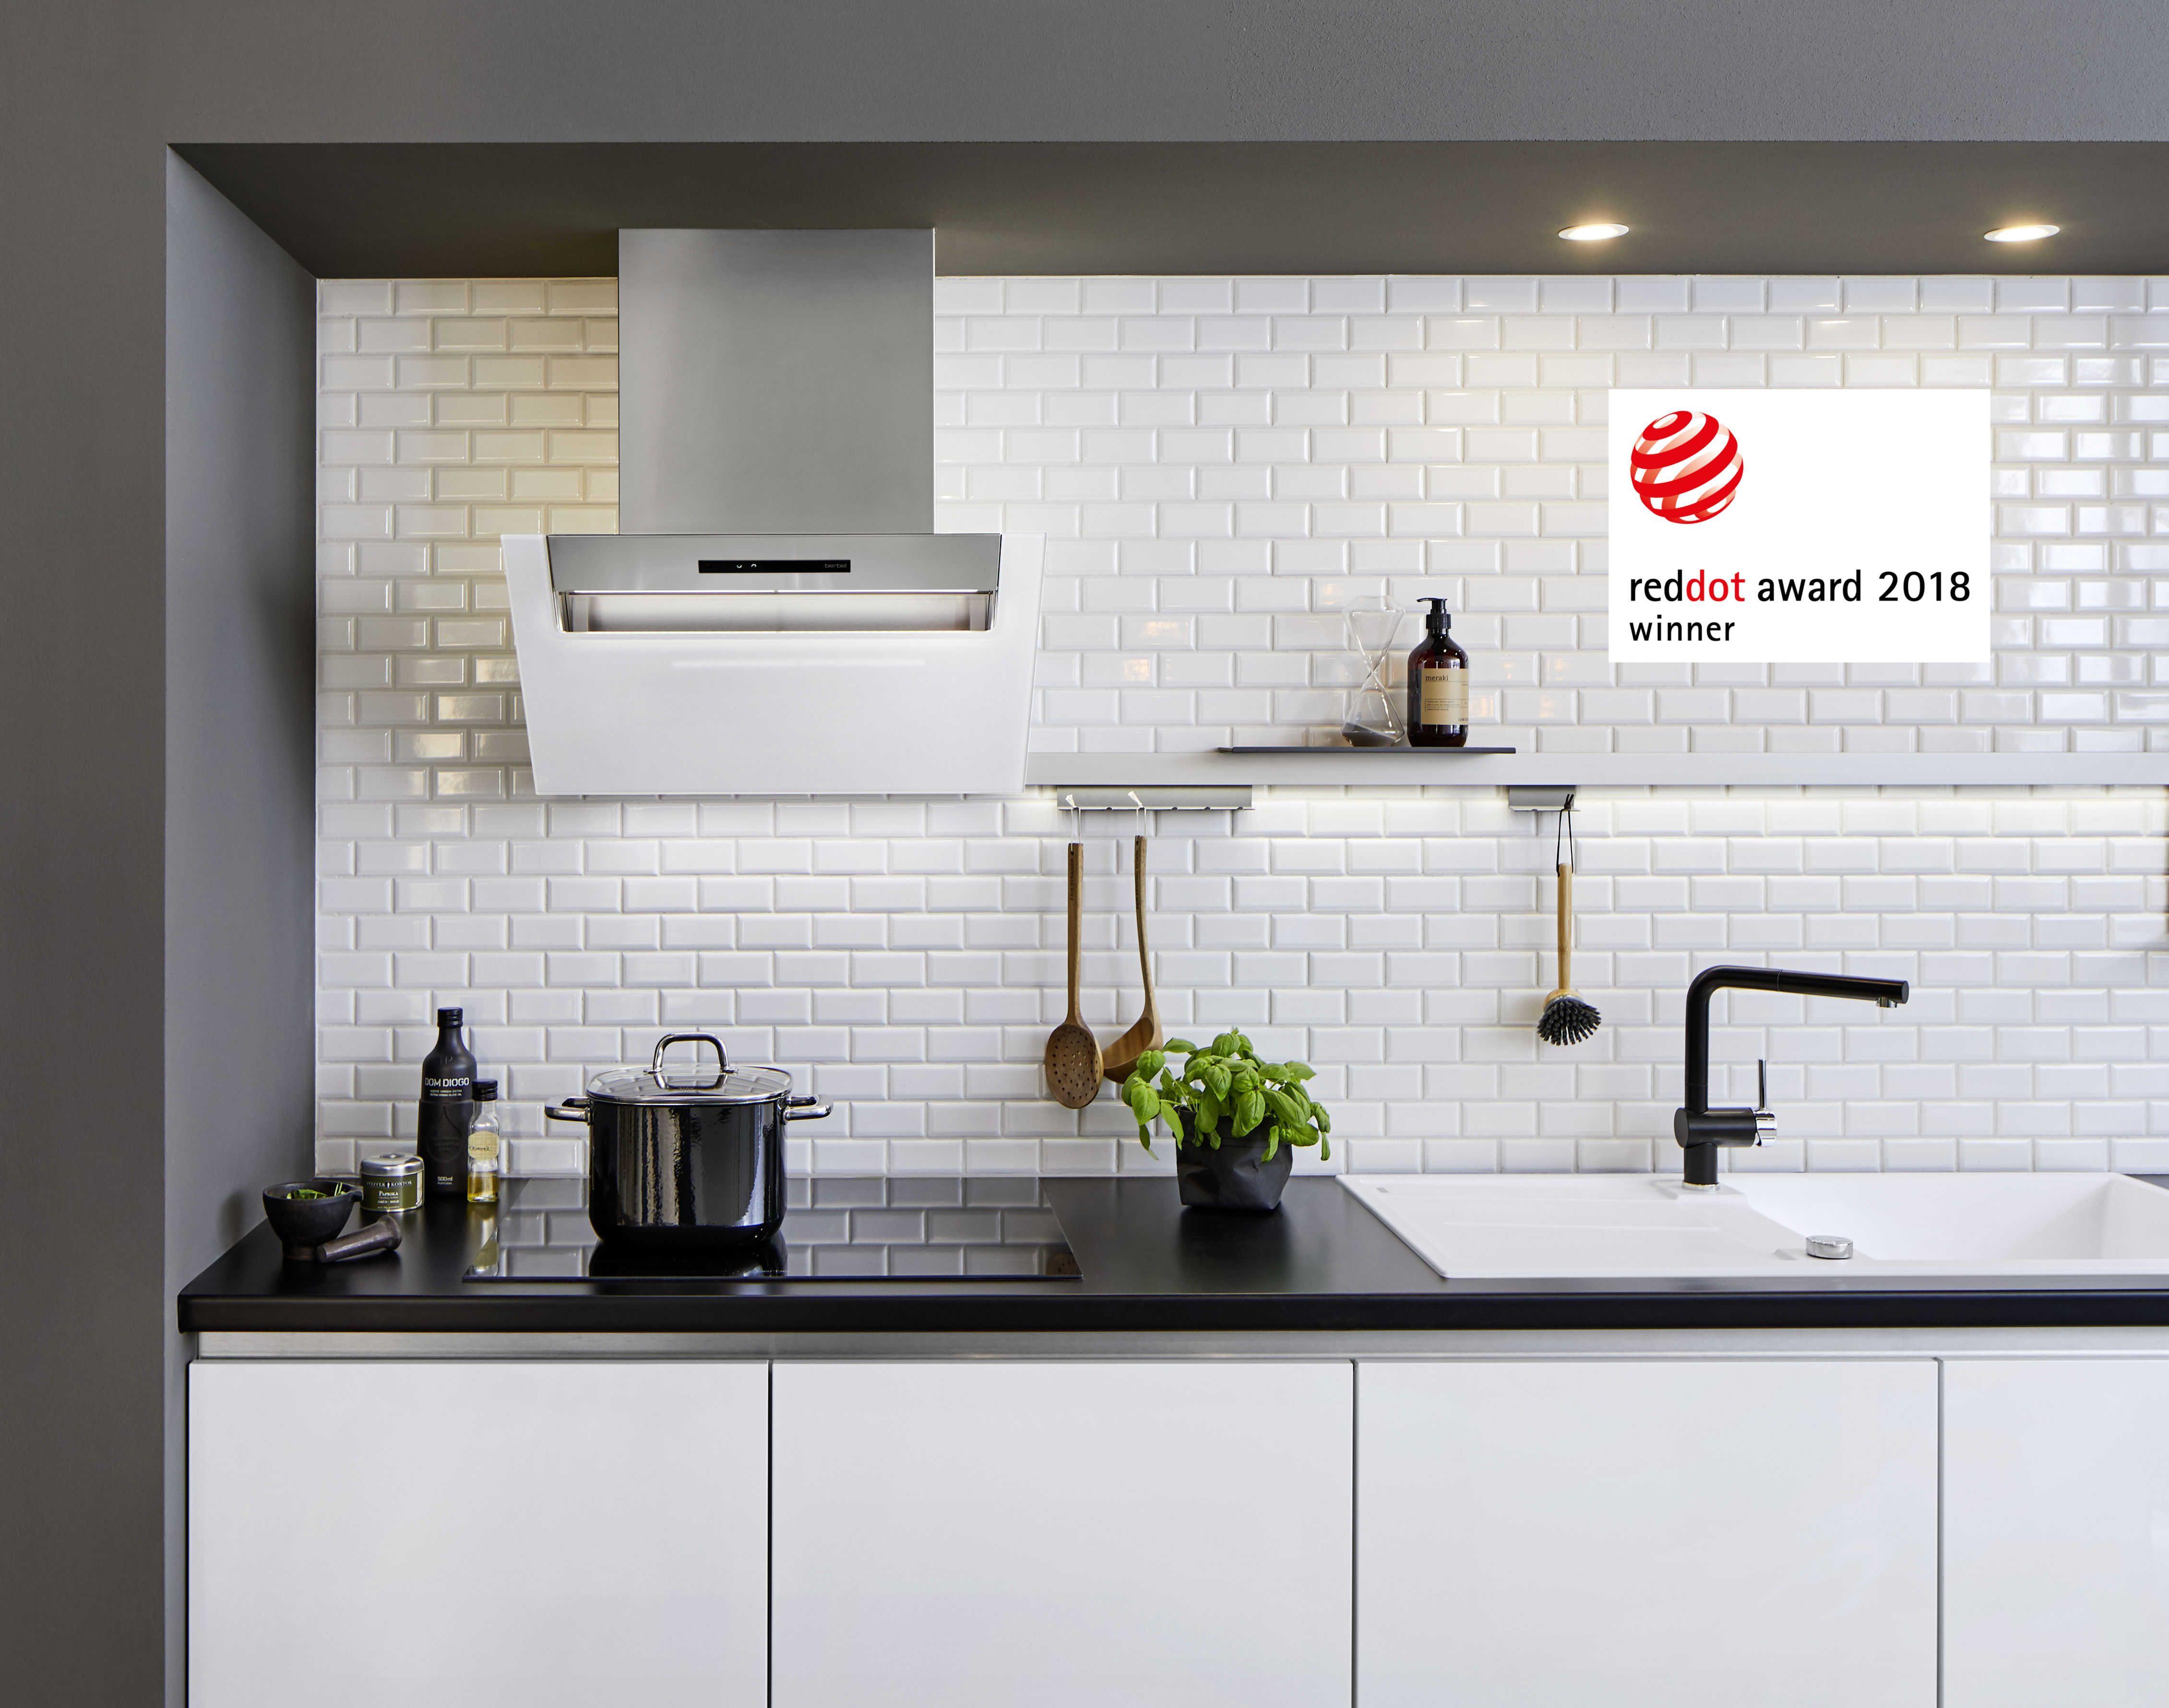 Ergoline 15 Dunstabzugshaube dunstabzug Luxus für die Küche reddot